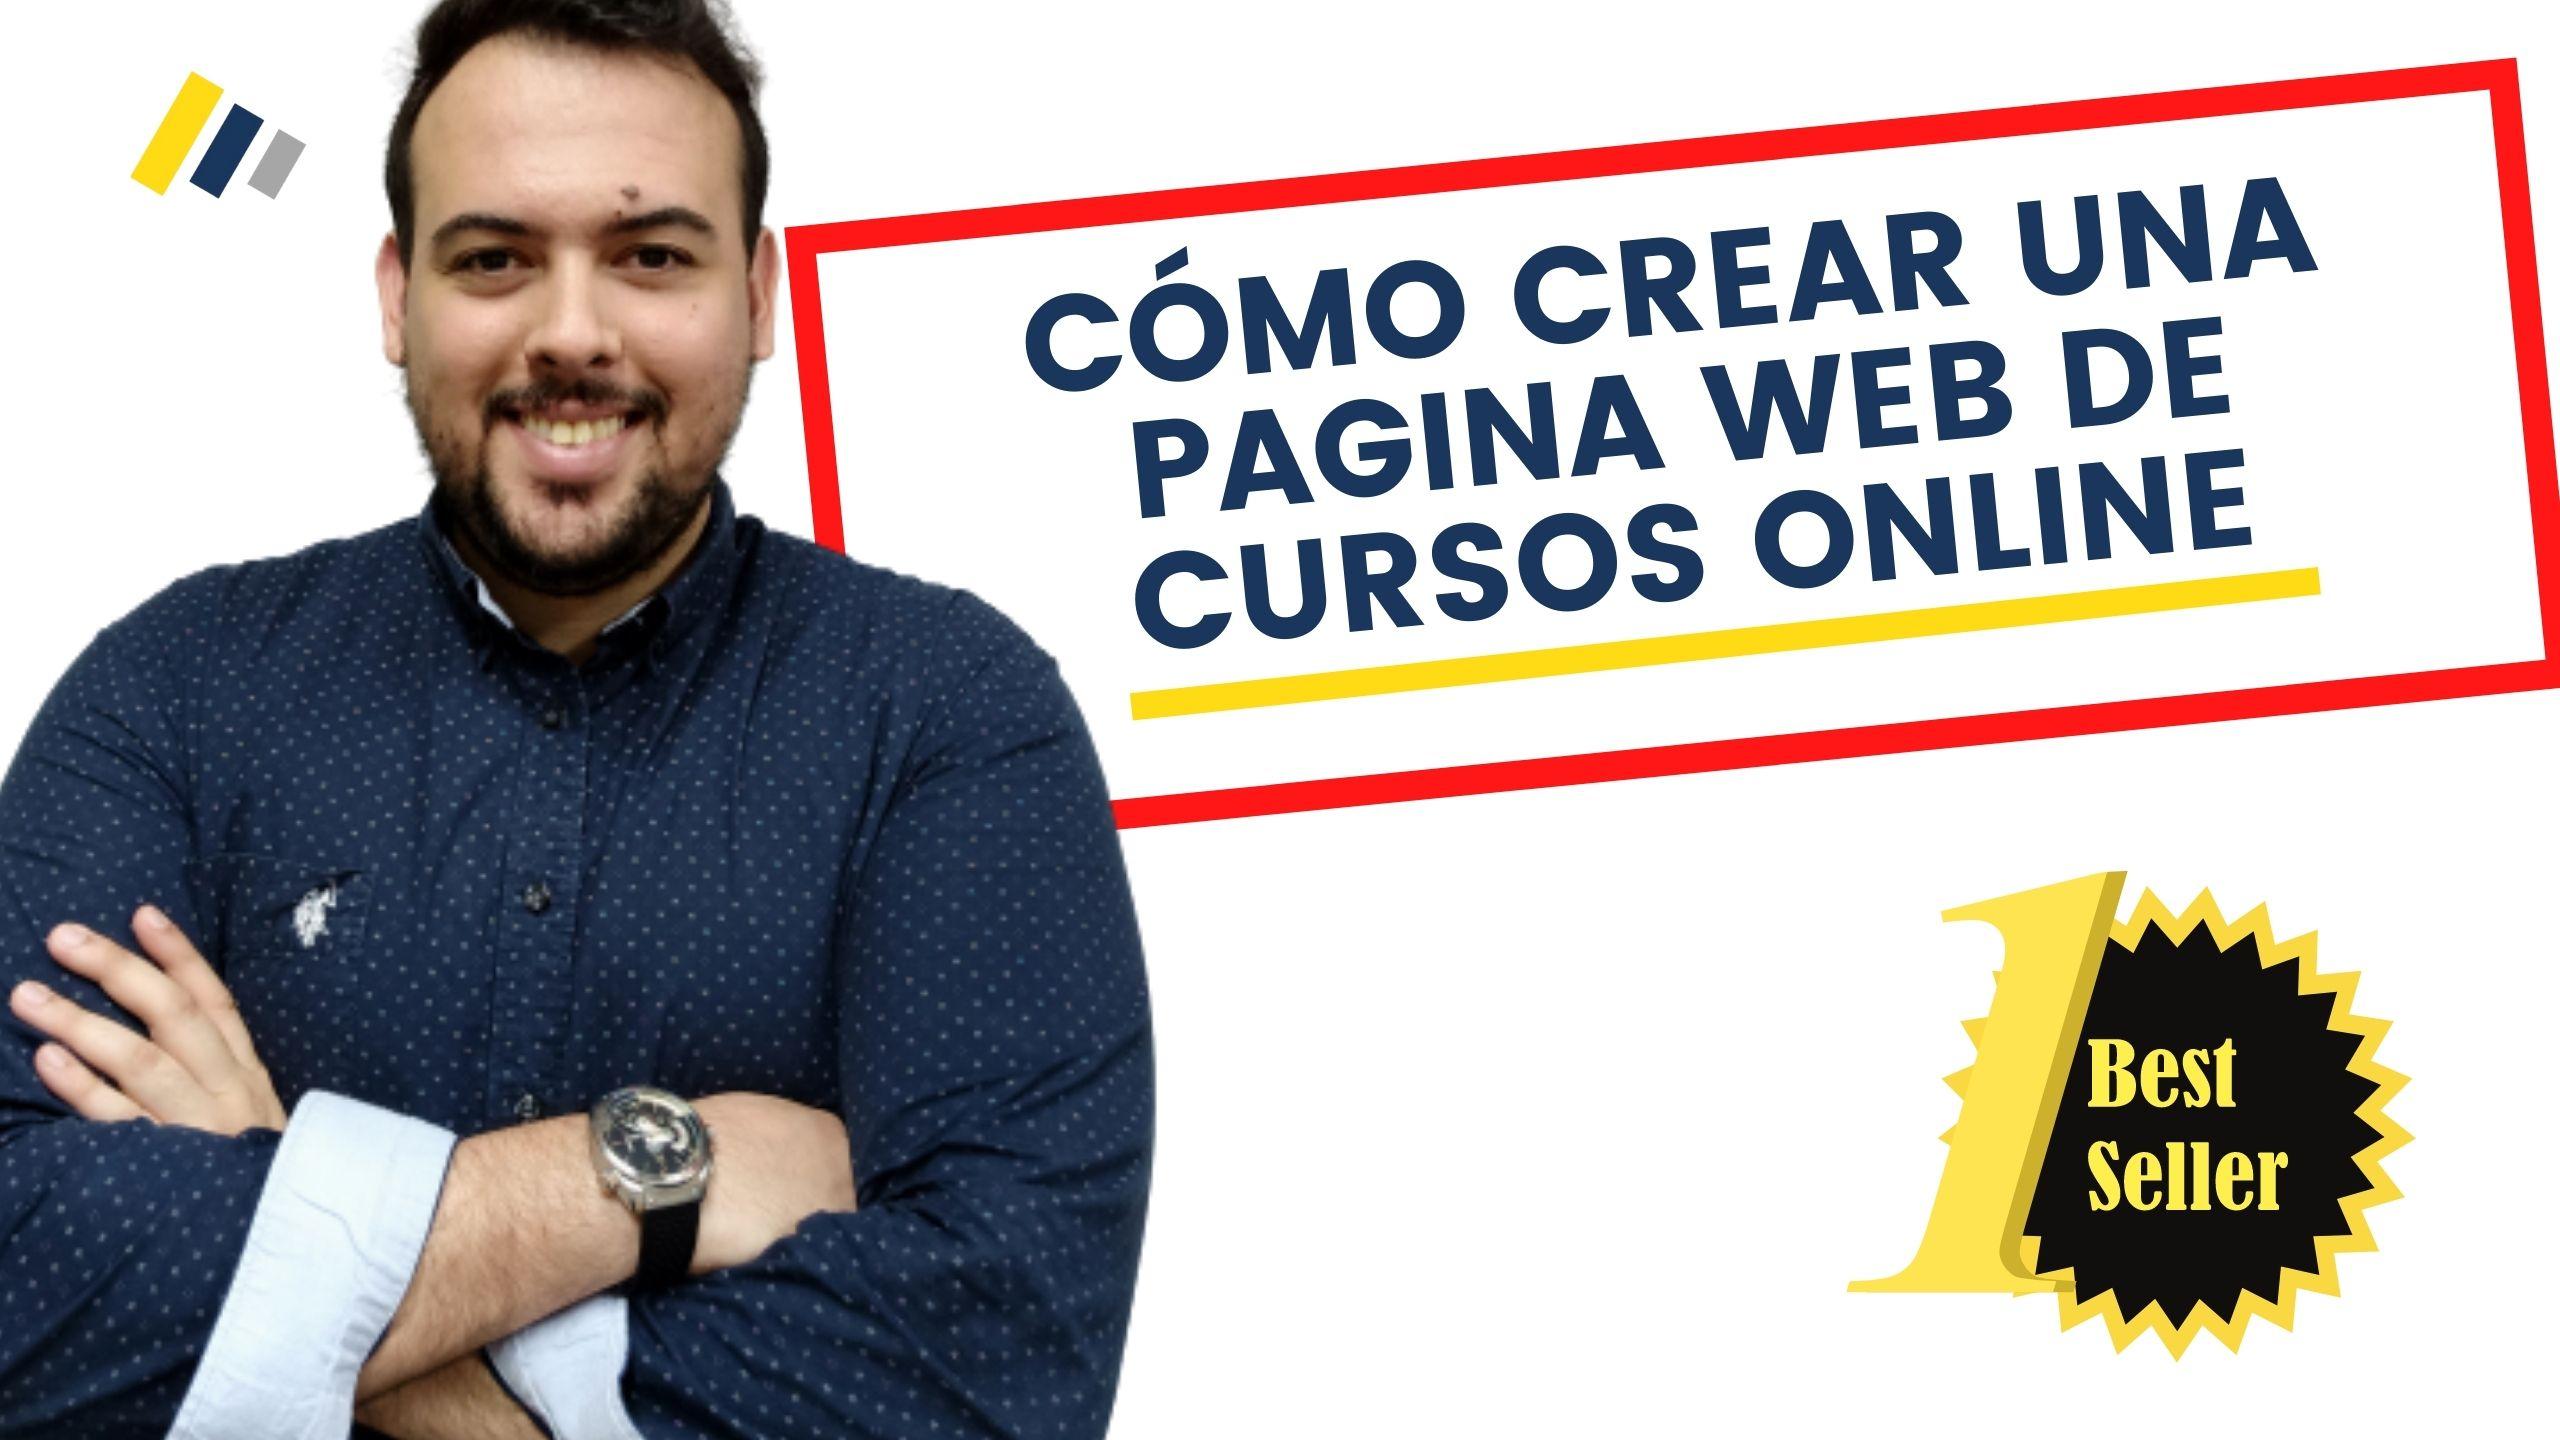 tutorial paso a paso de como crear un pagina web de cursos online con wordpress y learndash